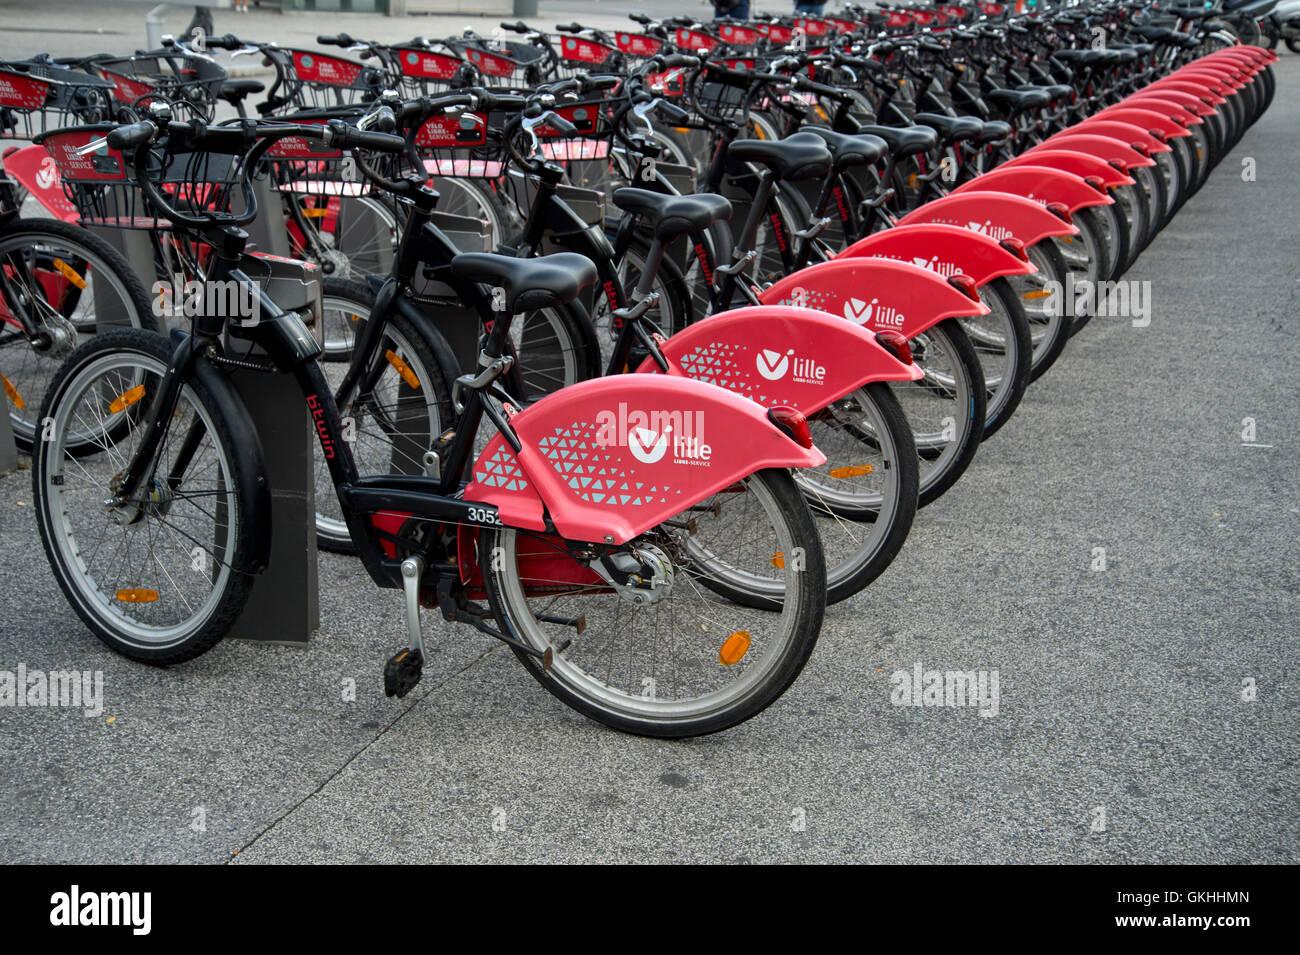 Francia, Lille. Bicicletas para alquilar. Imagen De Stock